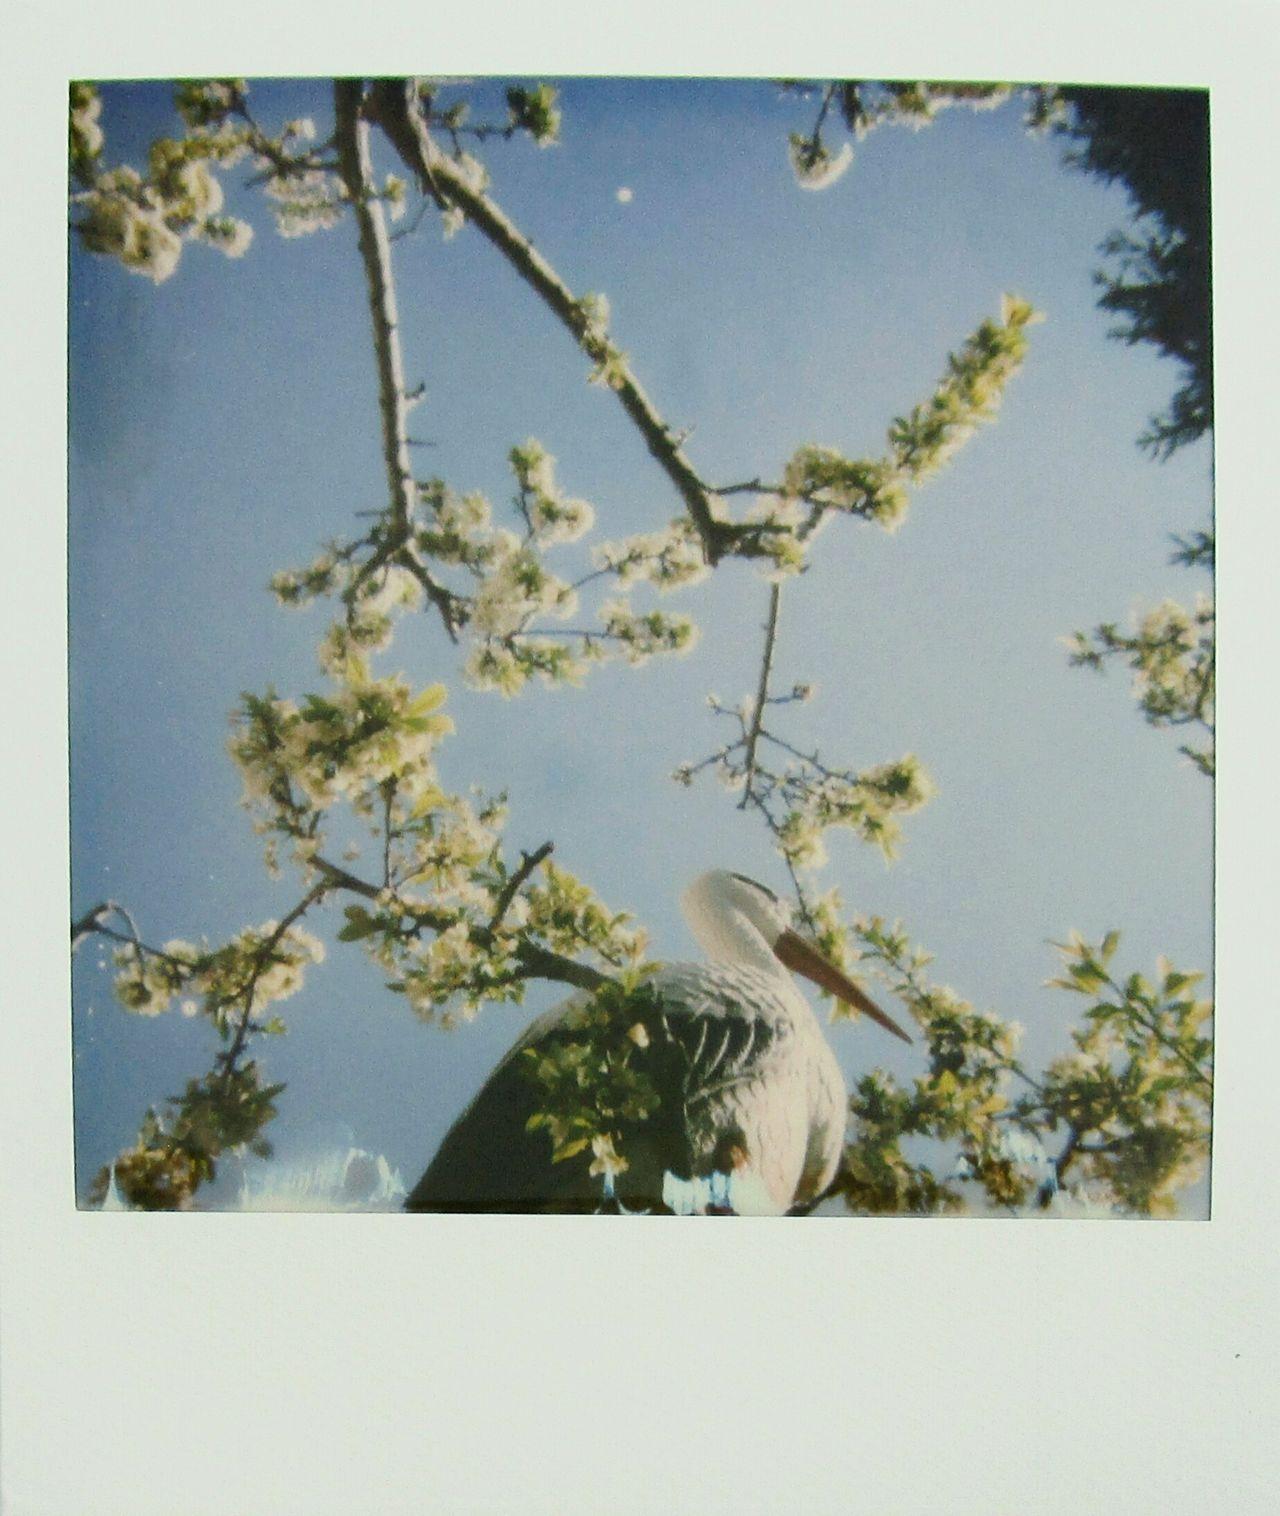 Plum tree Polaroid Photography MyArt Outdoors Nature Garden Instantphoto Polaroid 600 Real Polaroid Trees